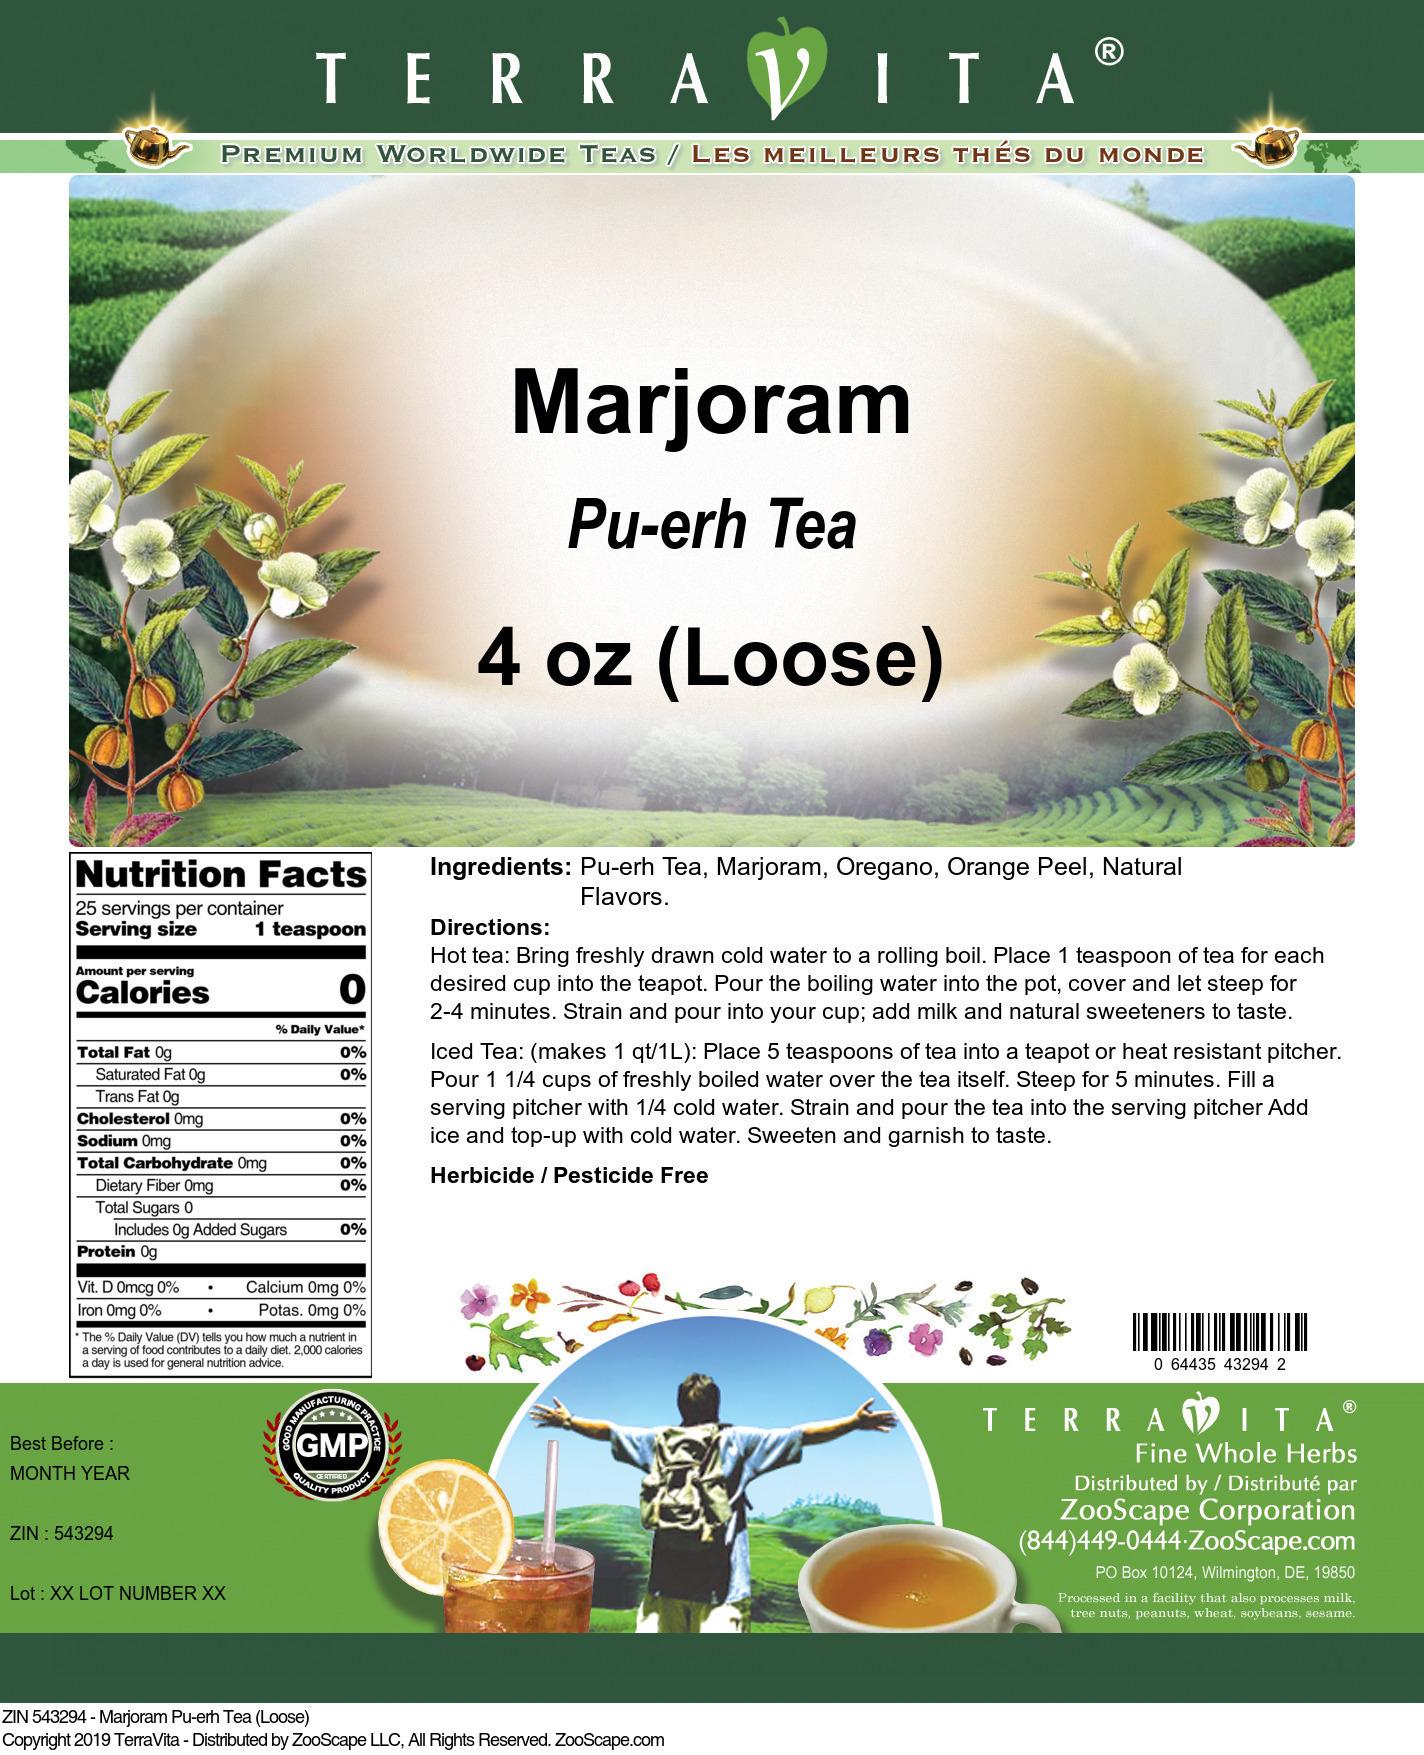 Marjoram Pu-erh Tea (Loose)